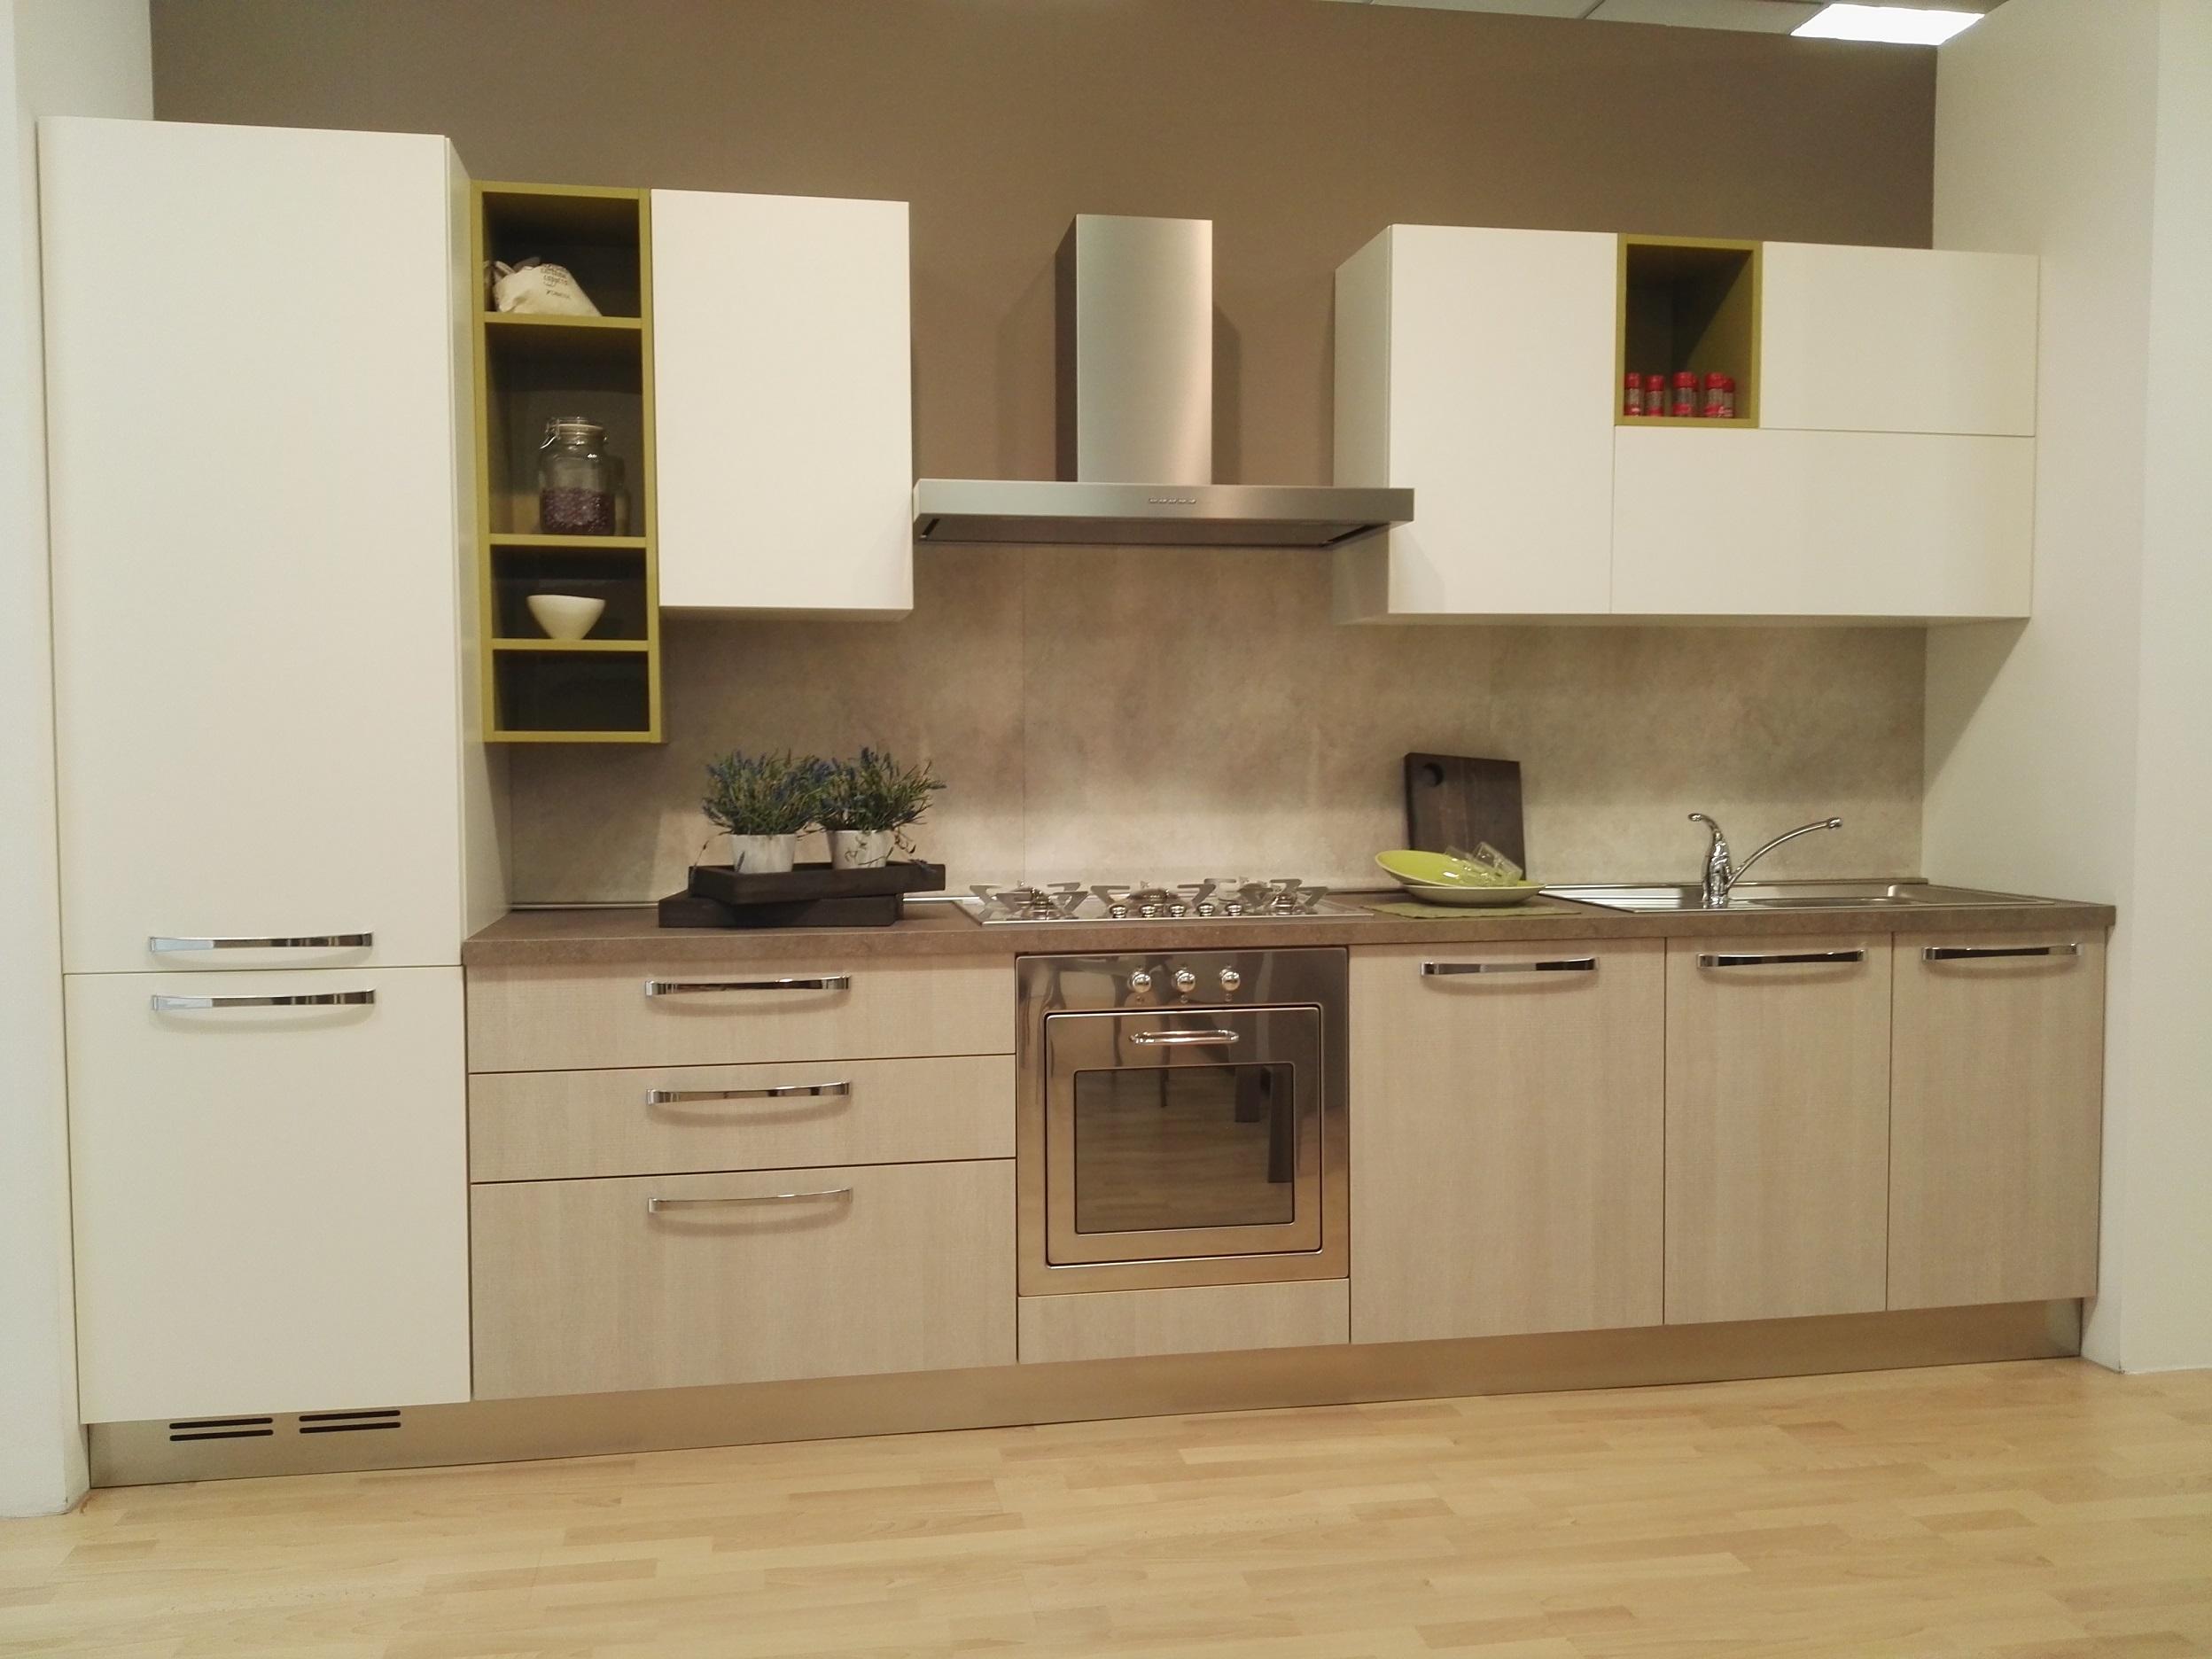 Cucina in Rovere Bianco in Offerta a Modena e Reggio Emilia